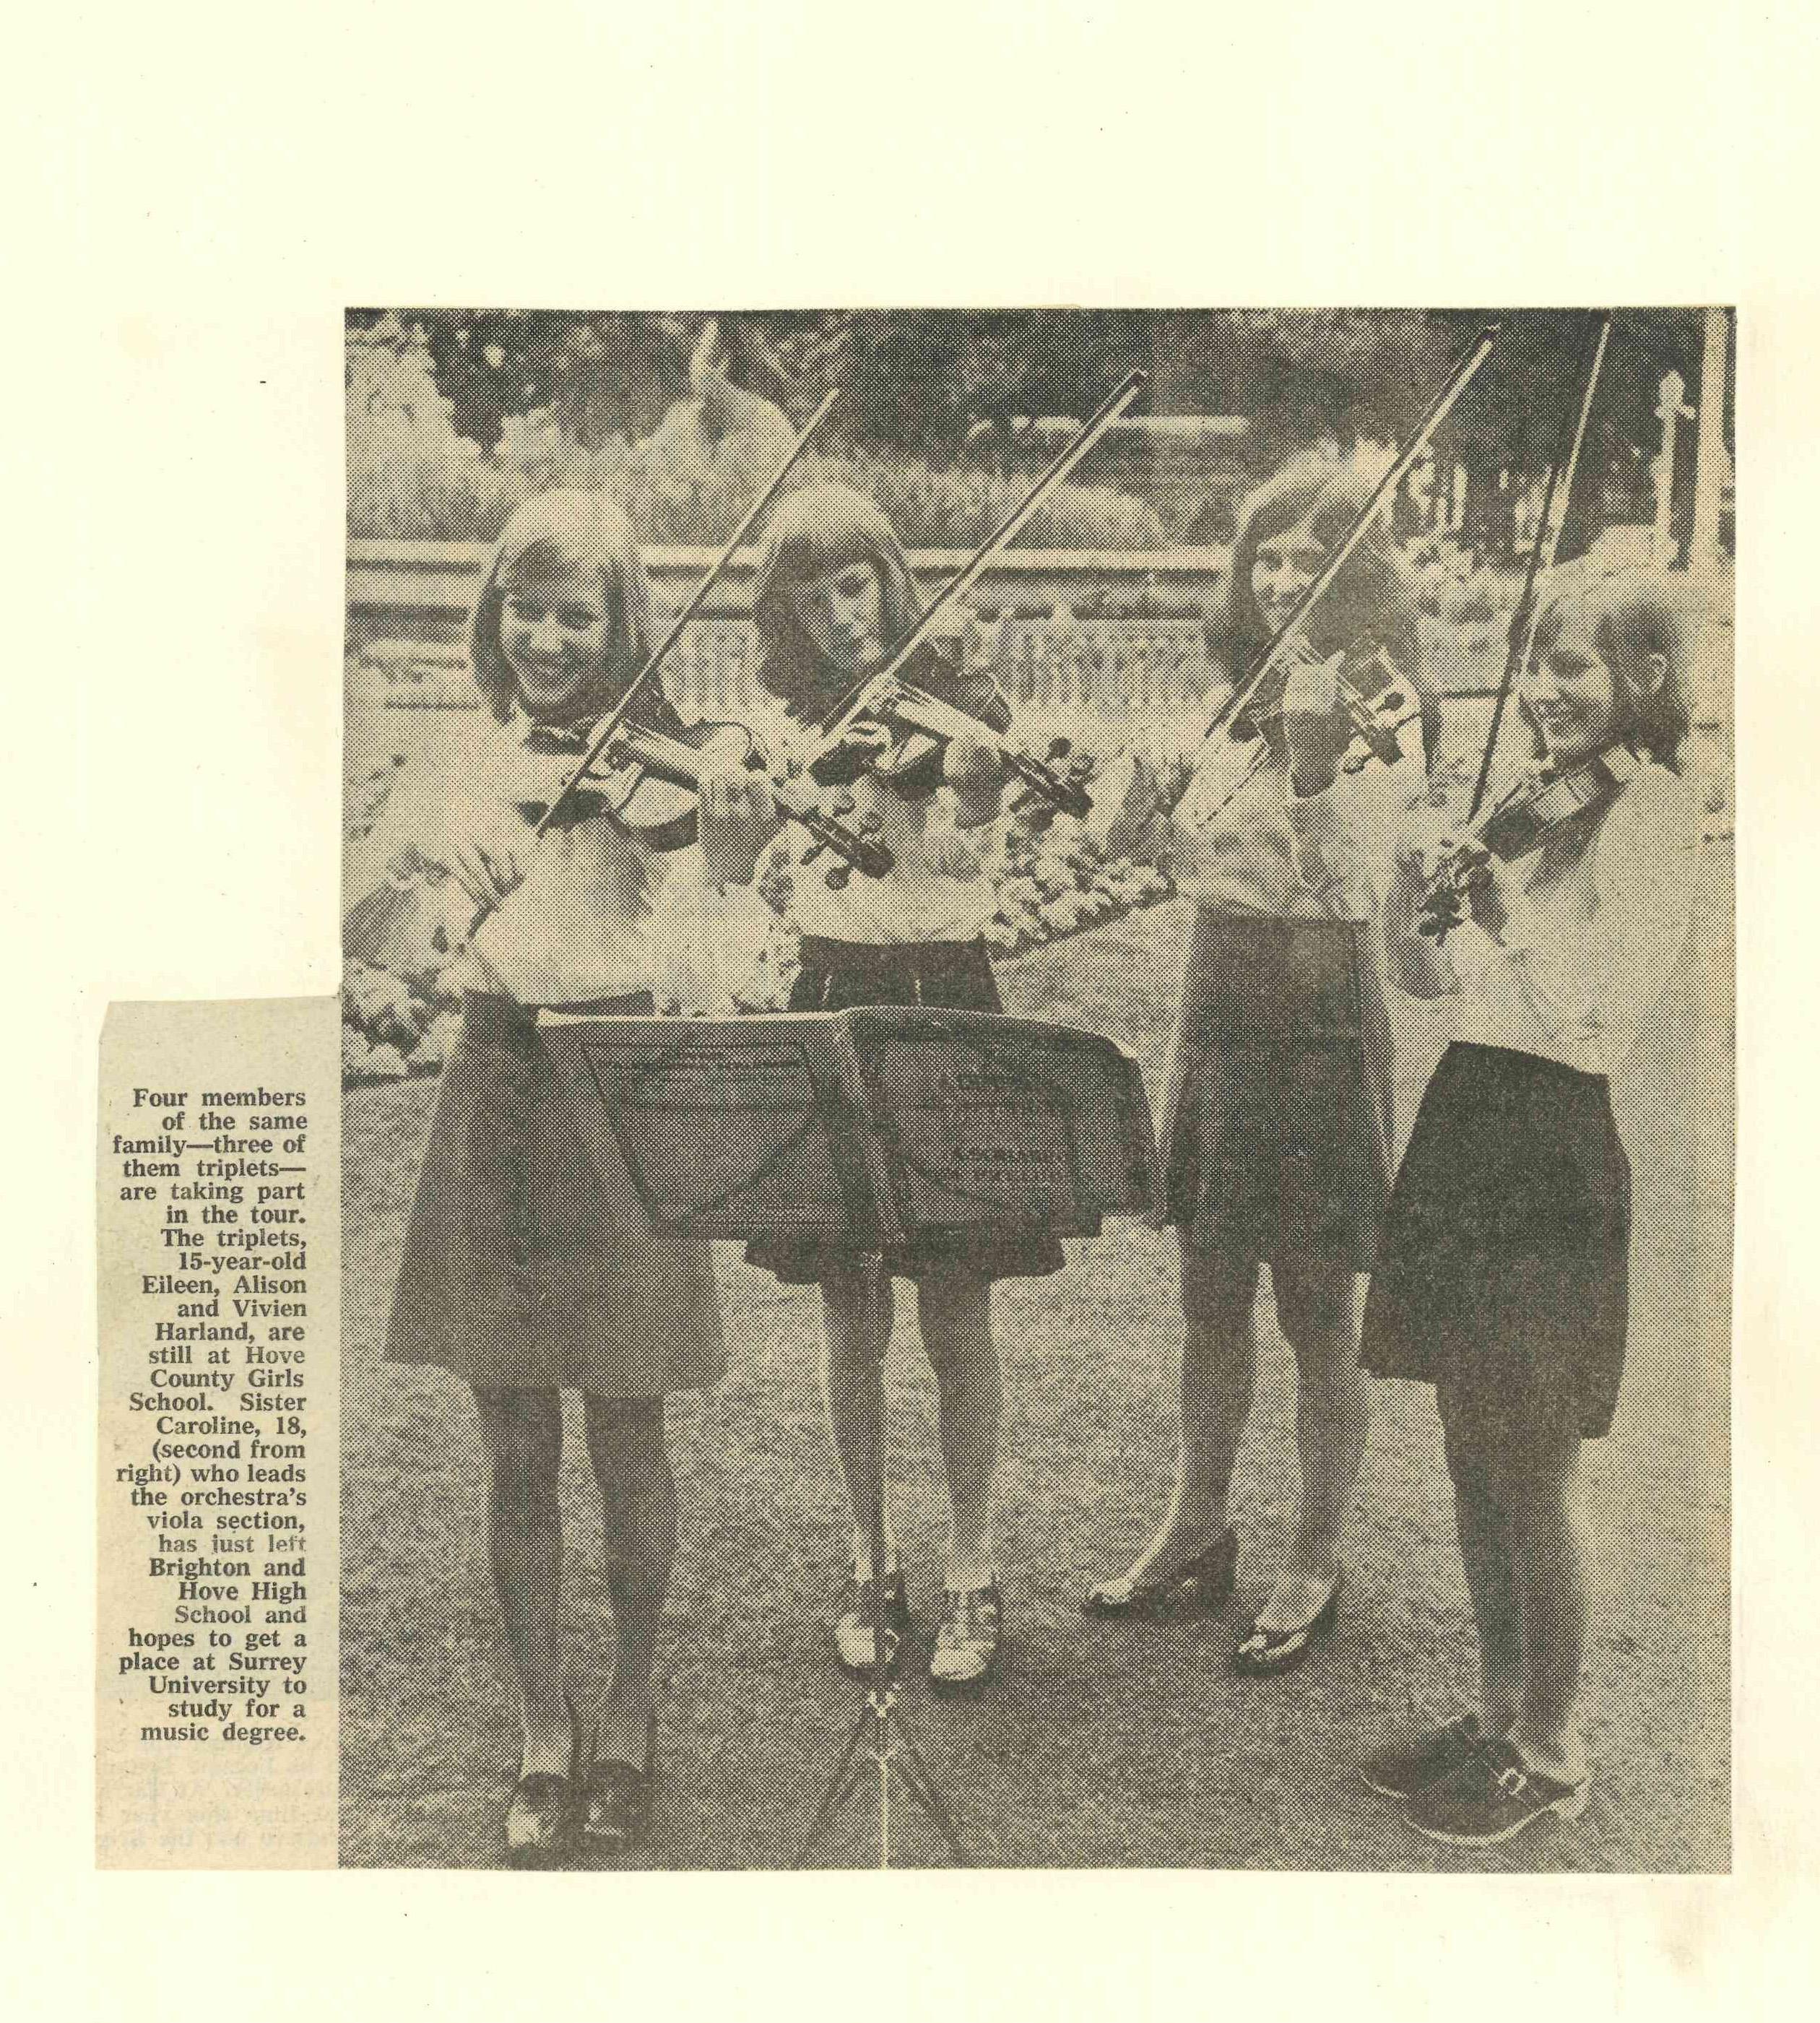 00062-Harland sisters.jpg